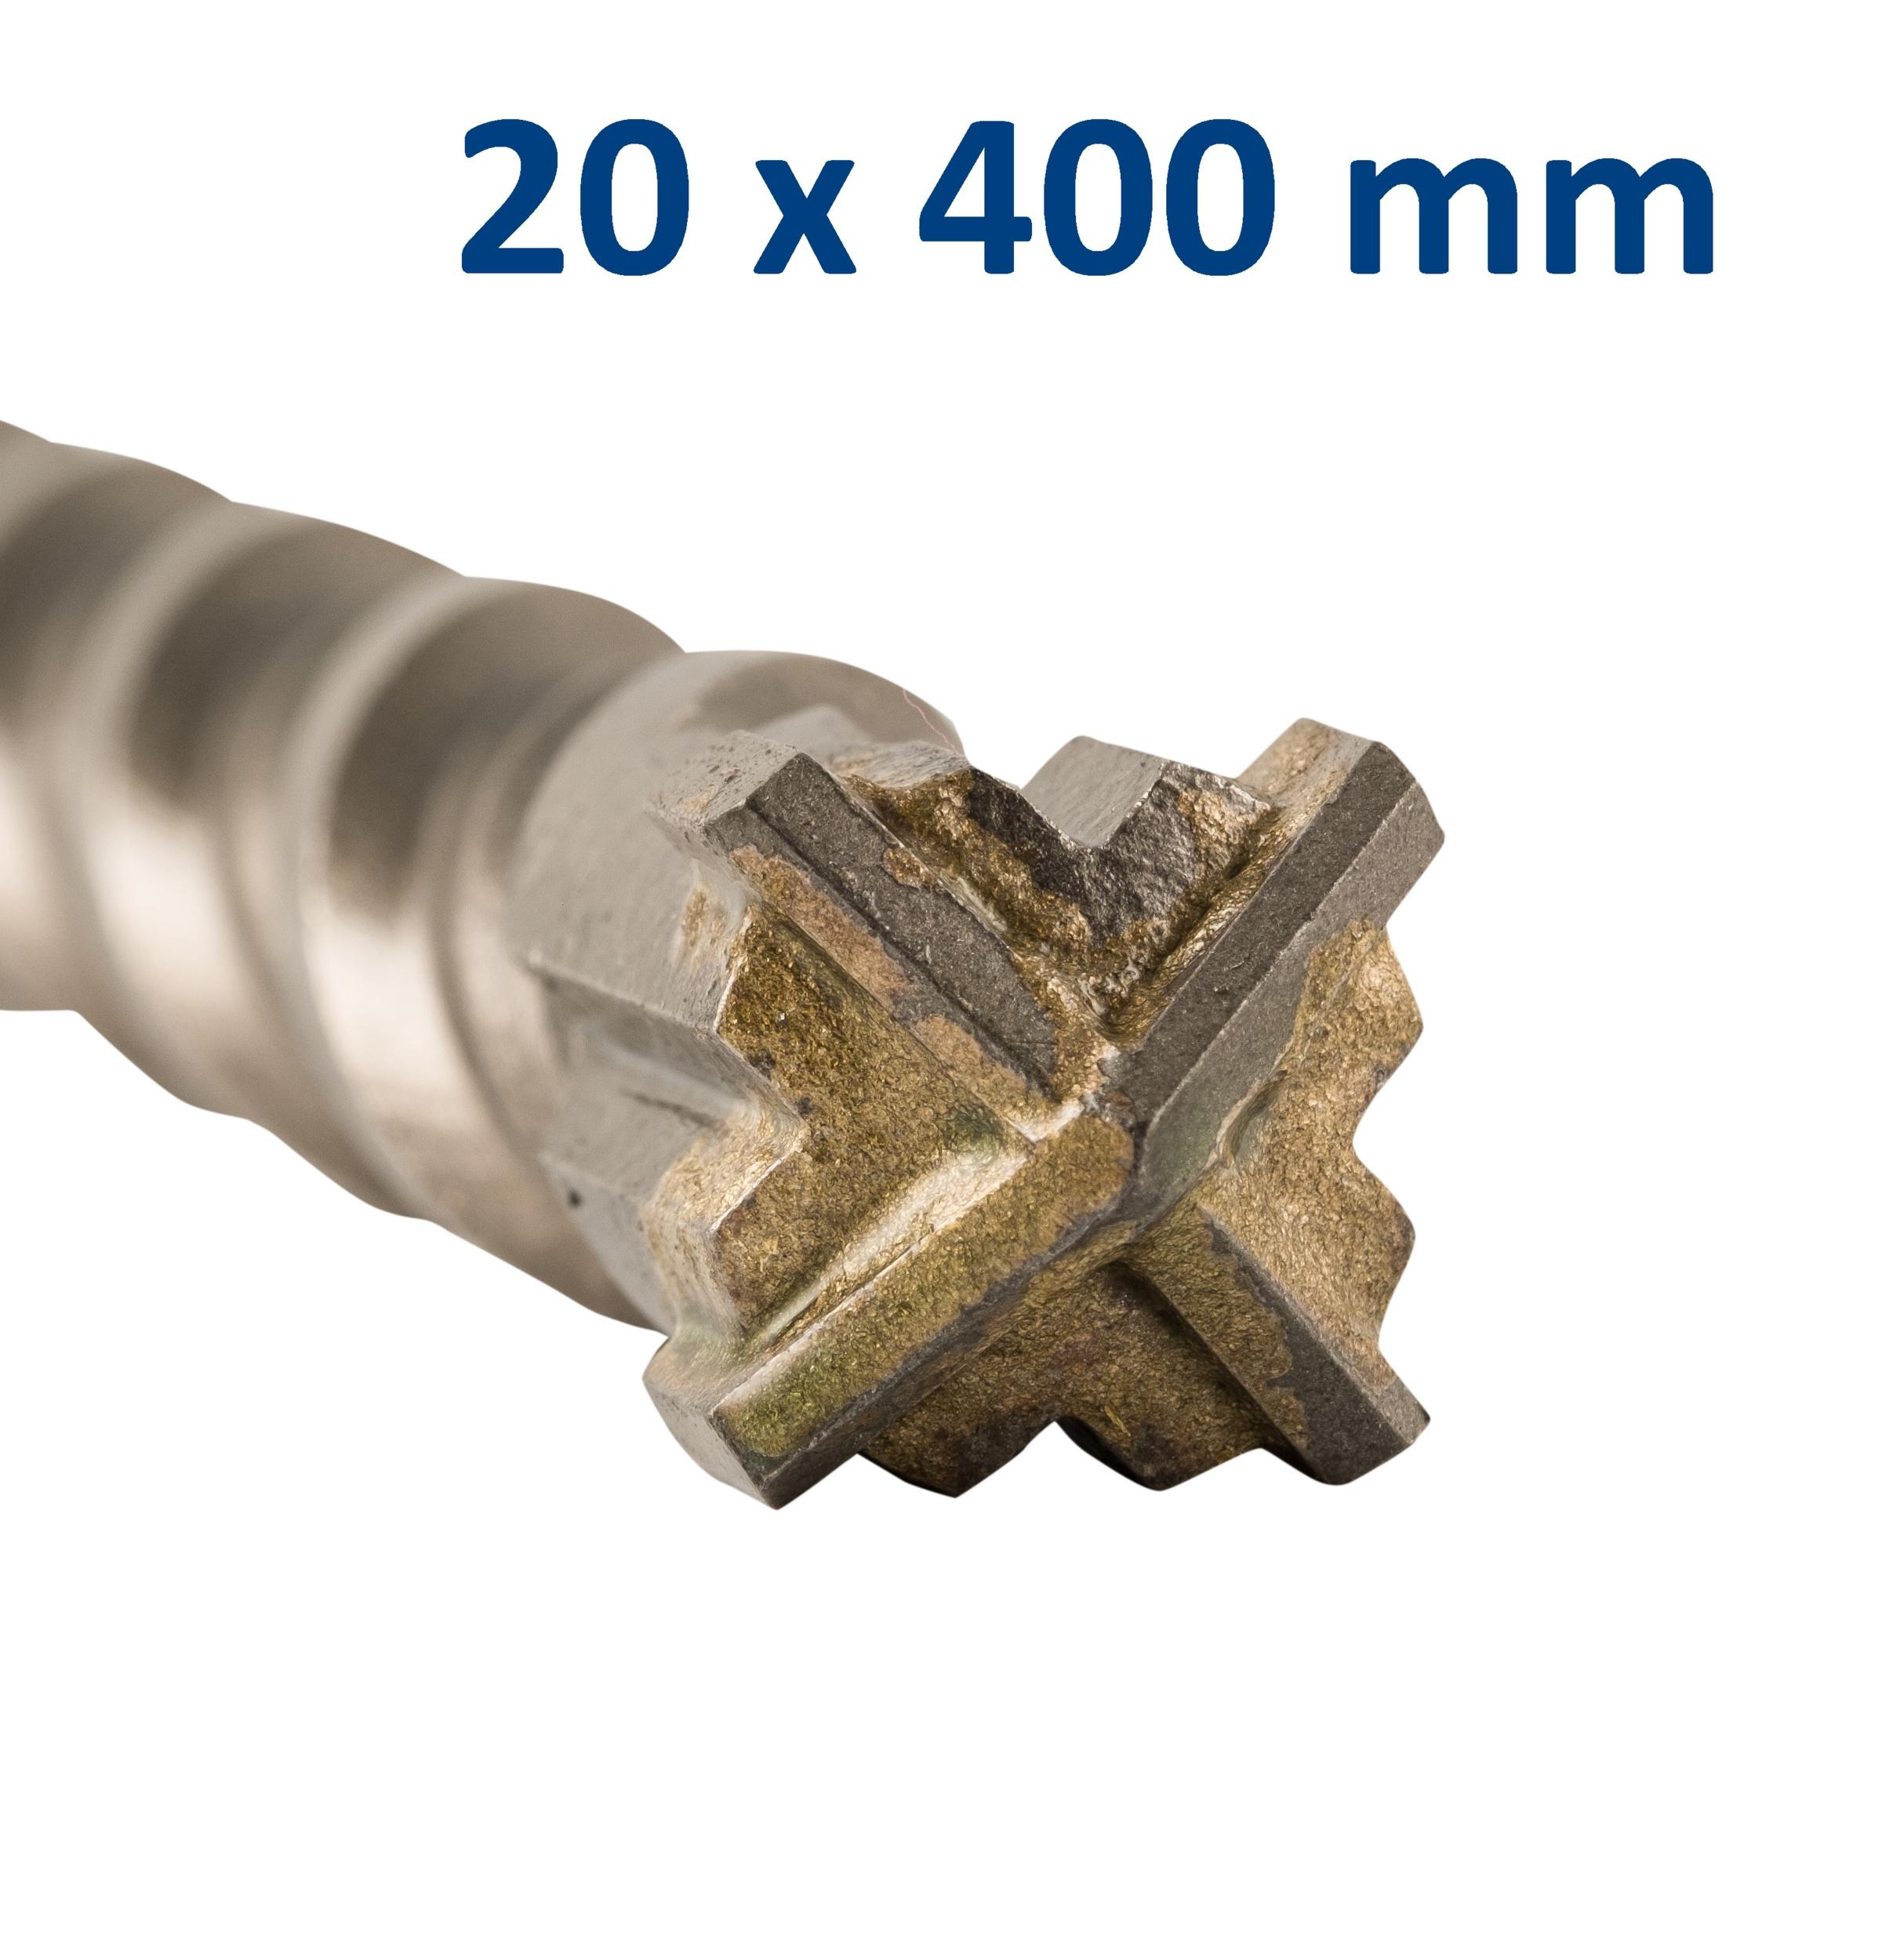 Foret-mèche SDS Plus pointe en croix 20x400 mm GRÖNE